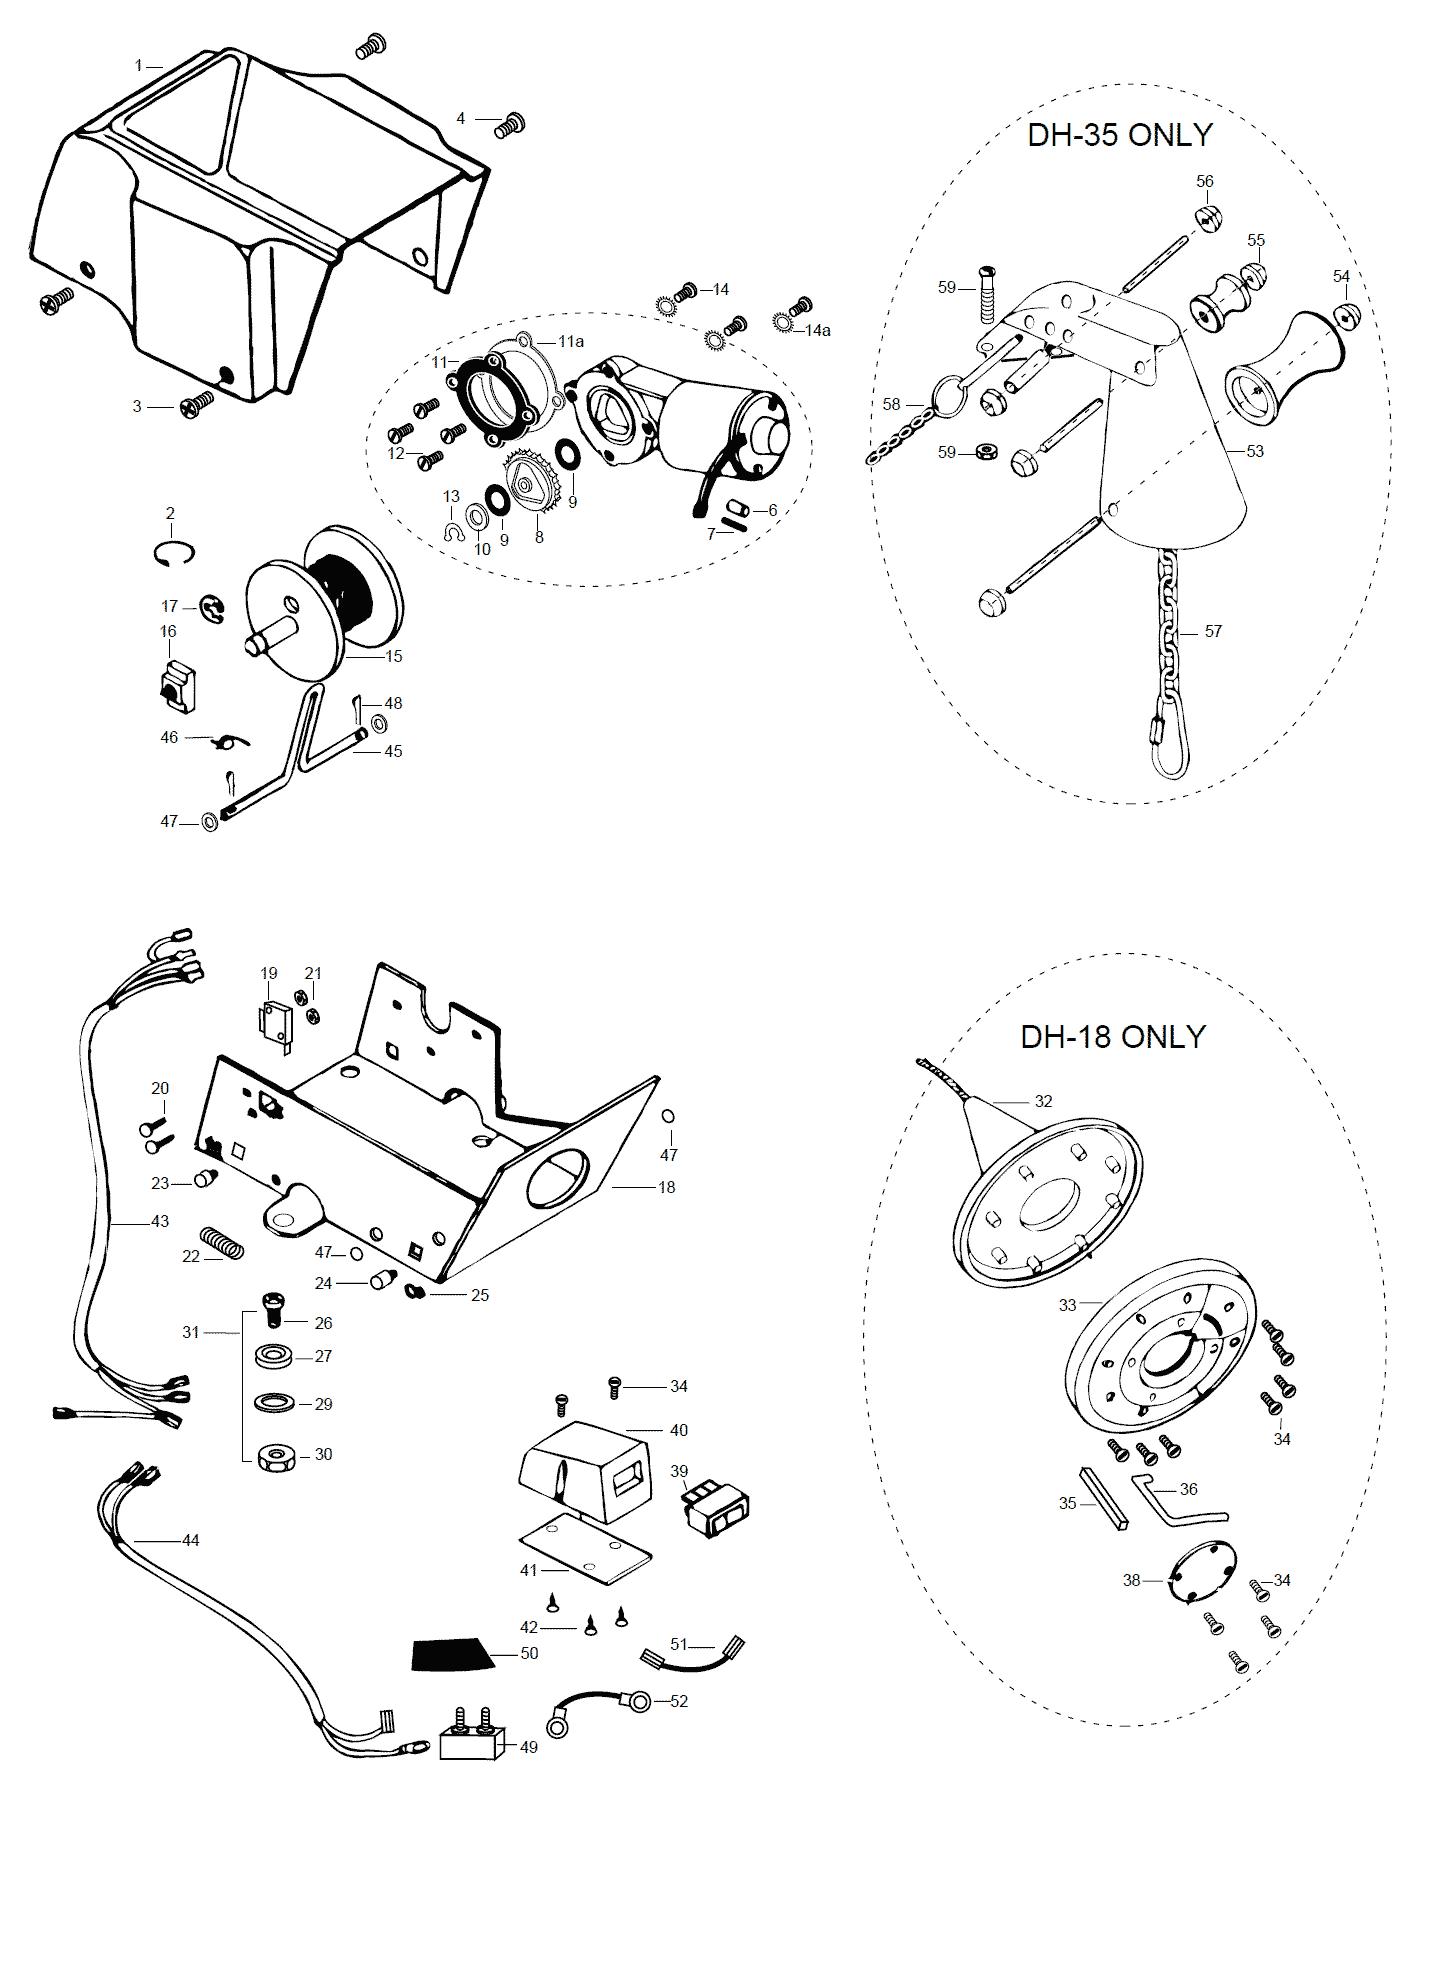 Minn Kota DeckHand 35 Parts - 1999 from